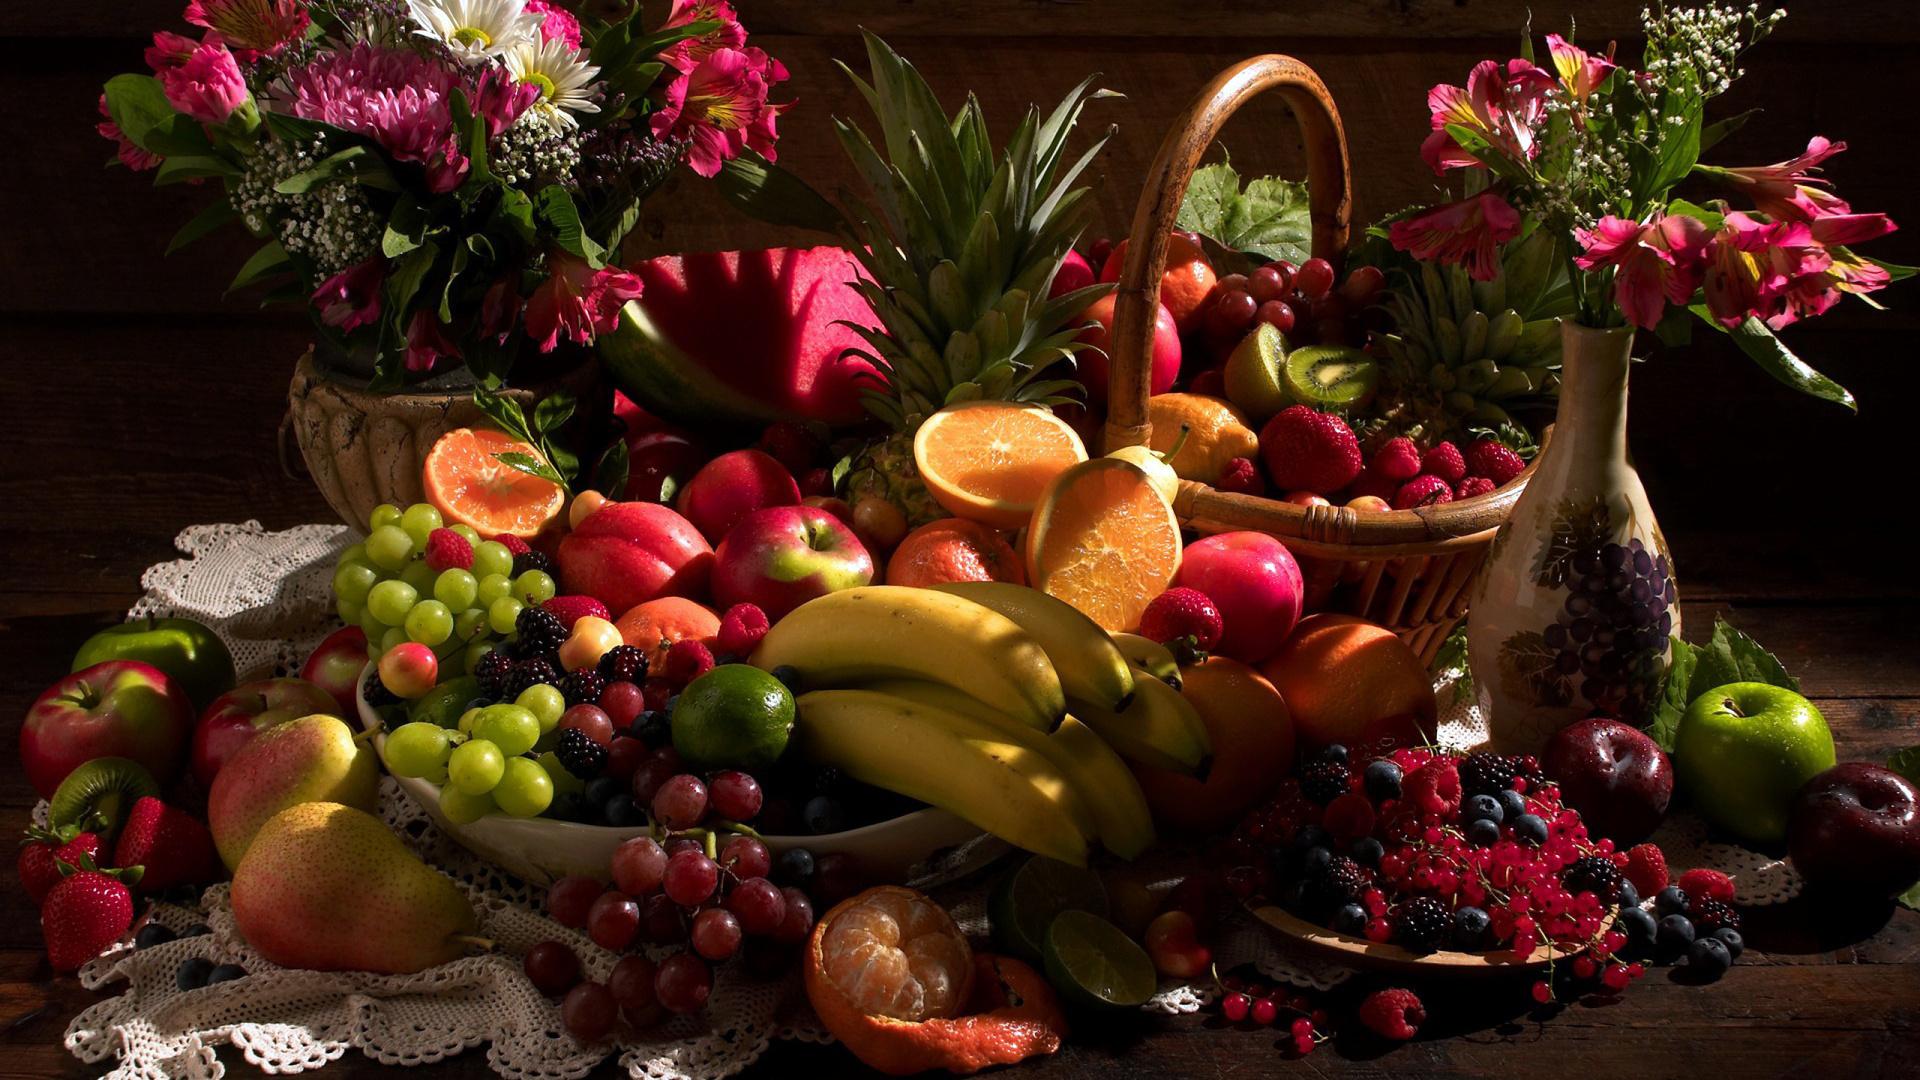 картинки с фруктами и цветами фото заметили муляж взрывного